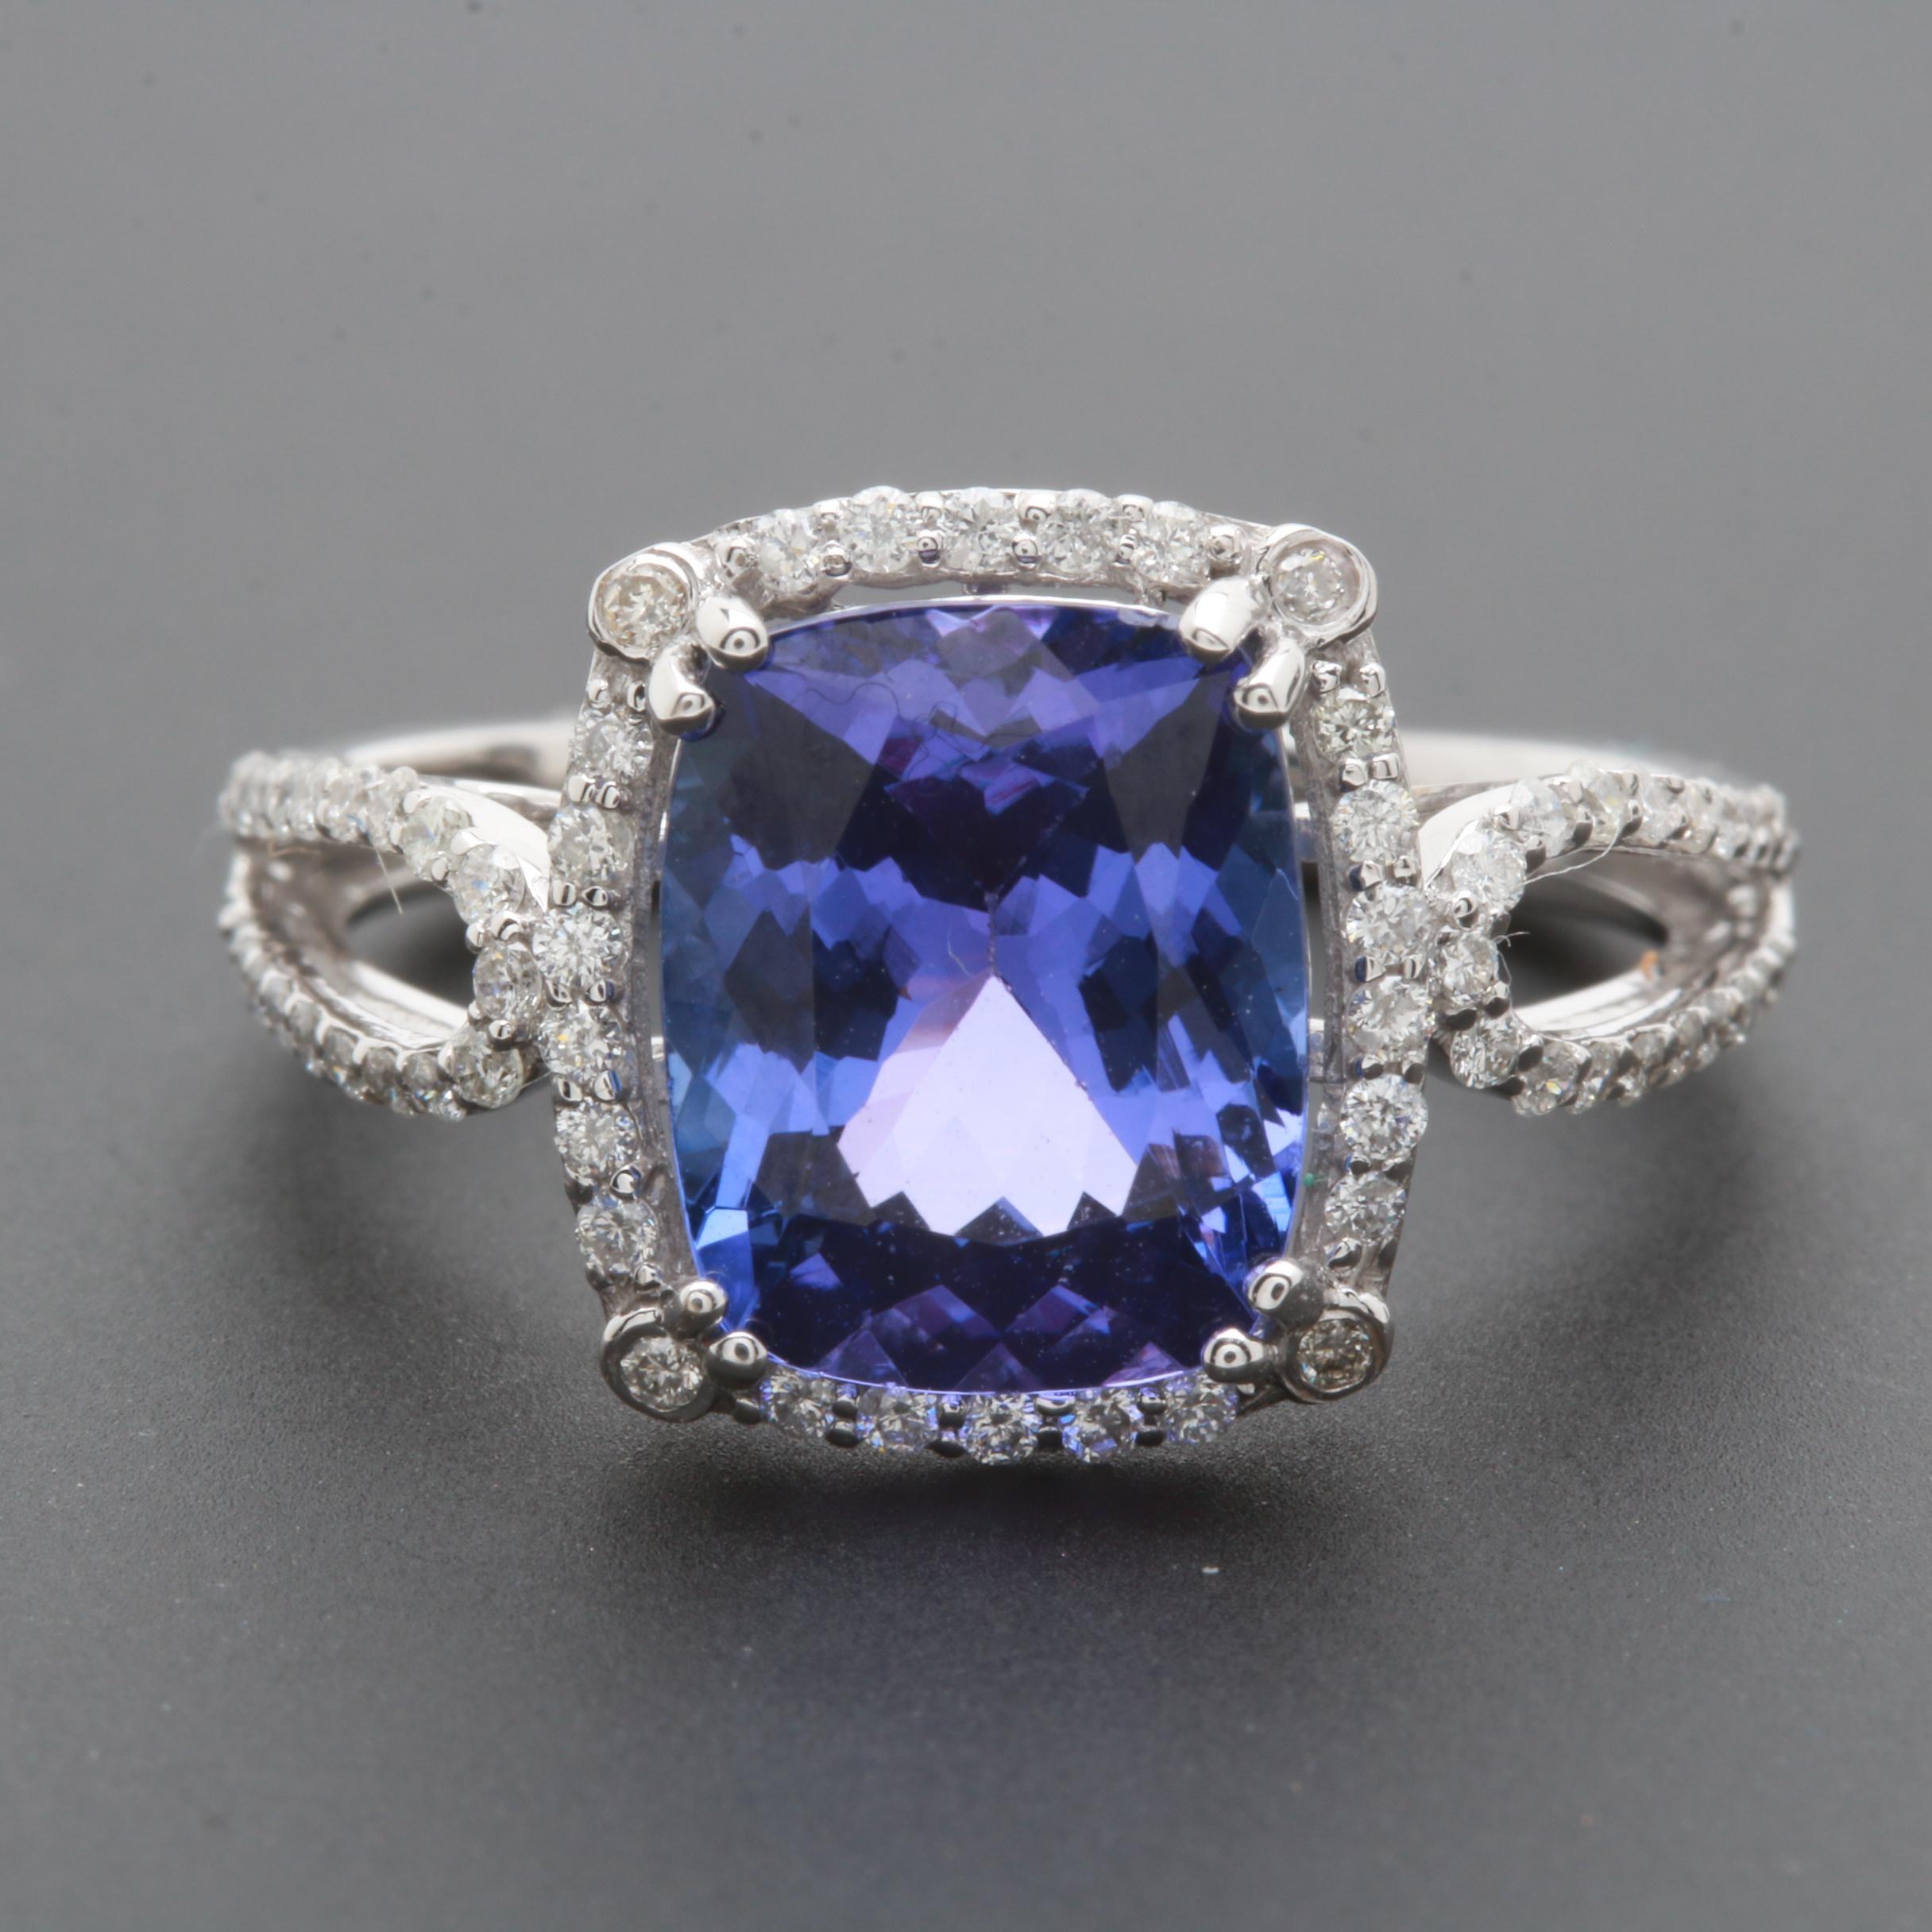 14K White Gold 2.98 CT Tanzanite and Diamond Ring